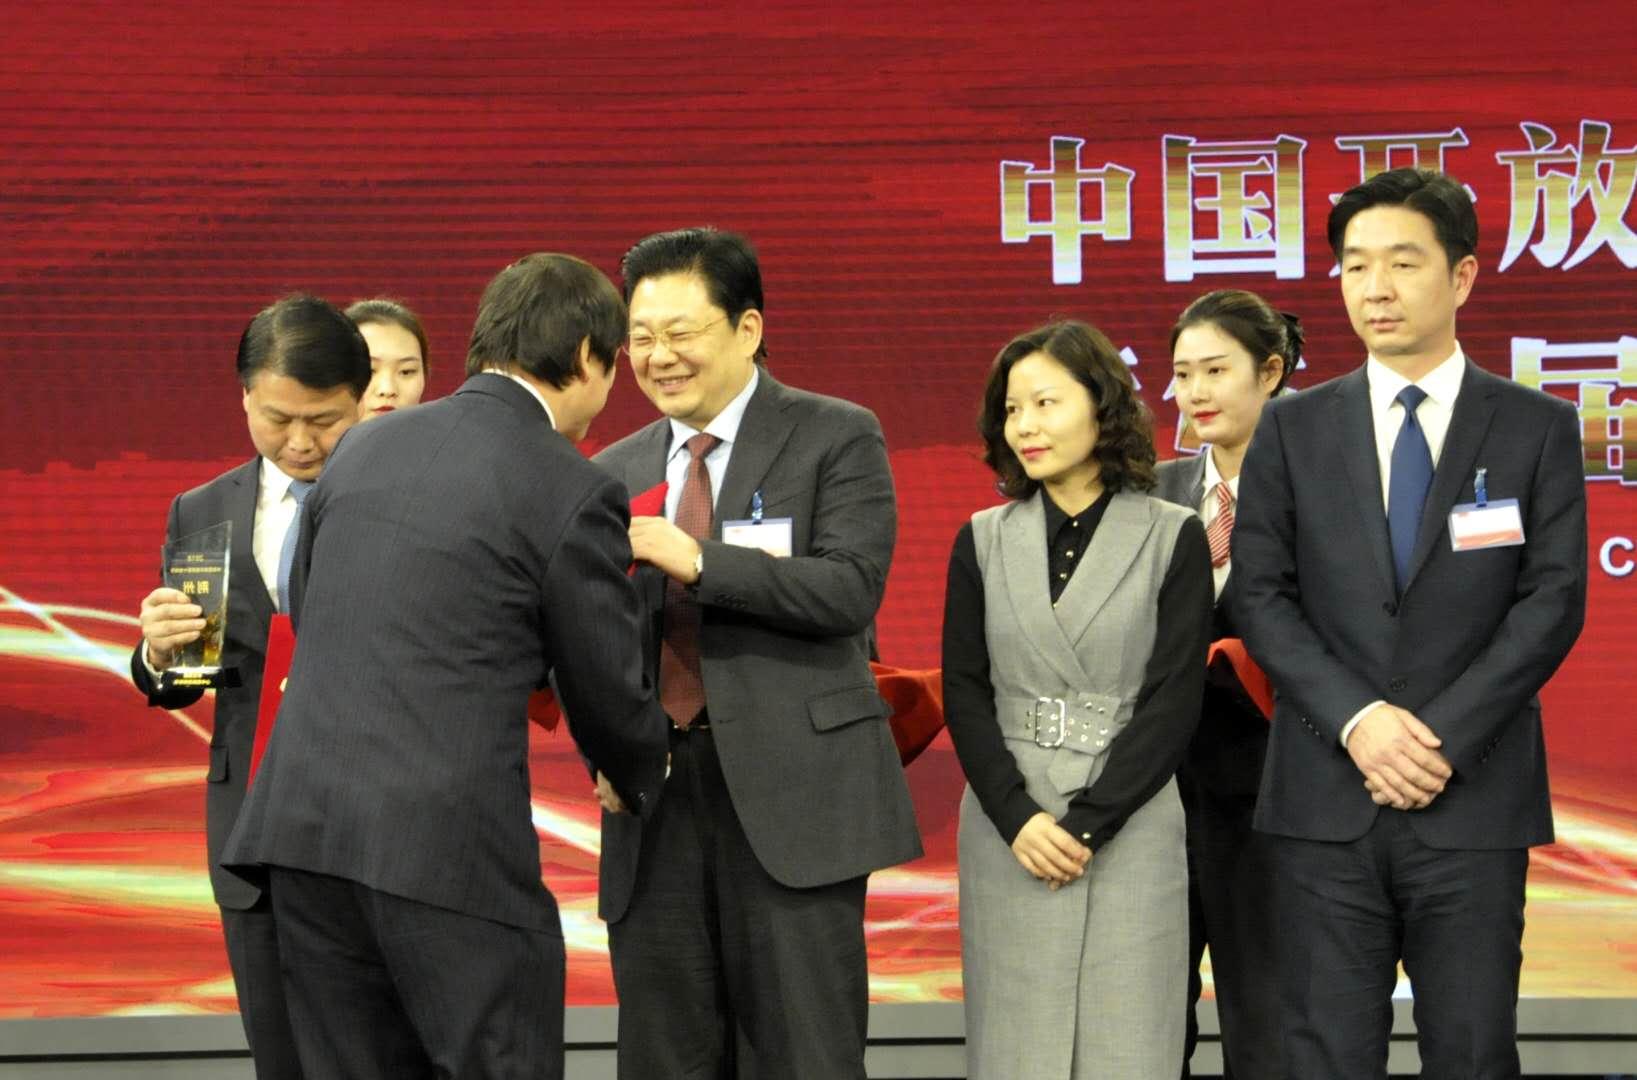 """驻马店荣膺""""中国营商环境质量十佳城市"""""""